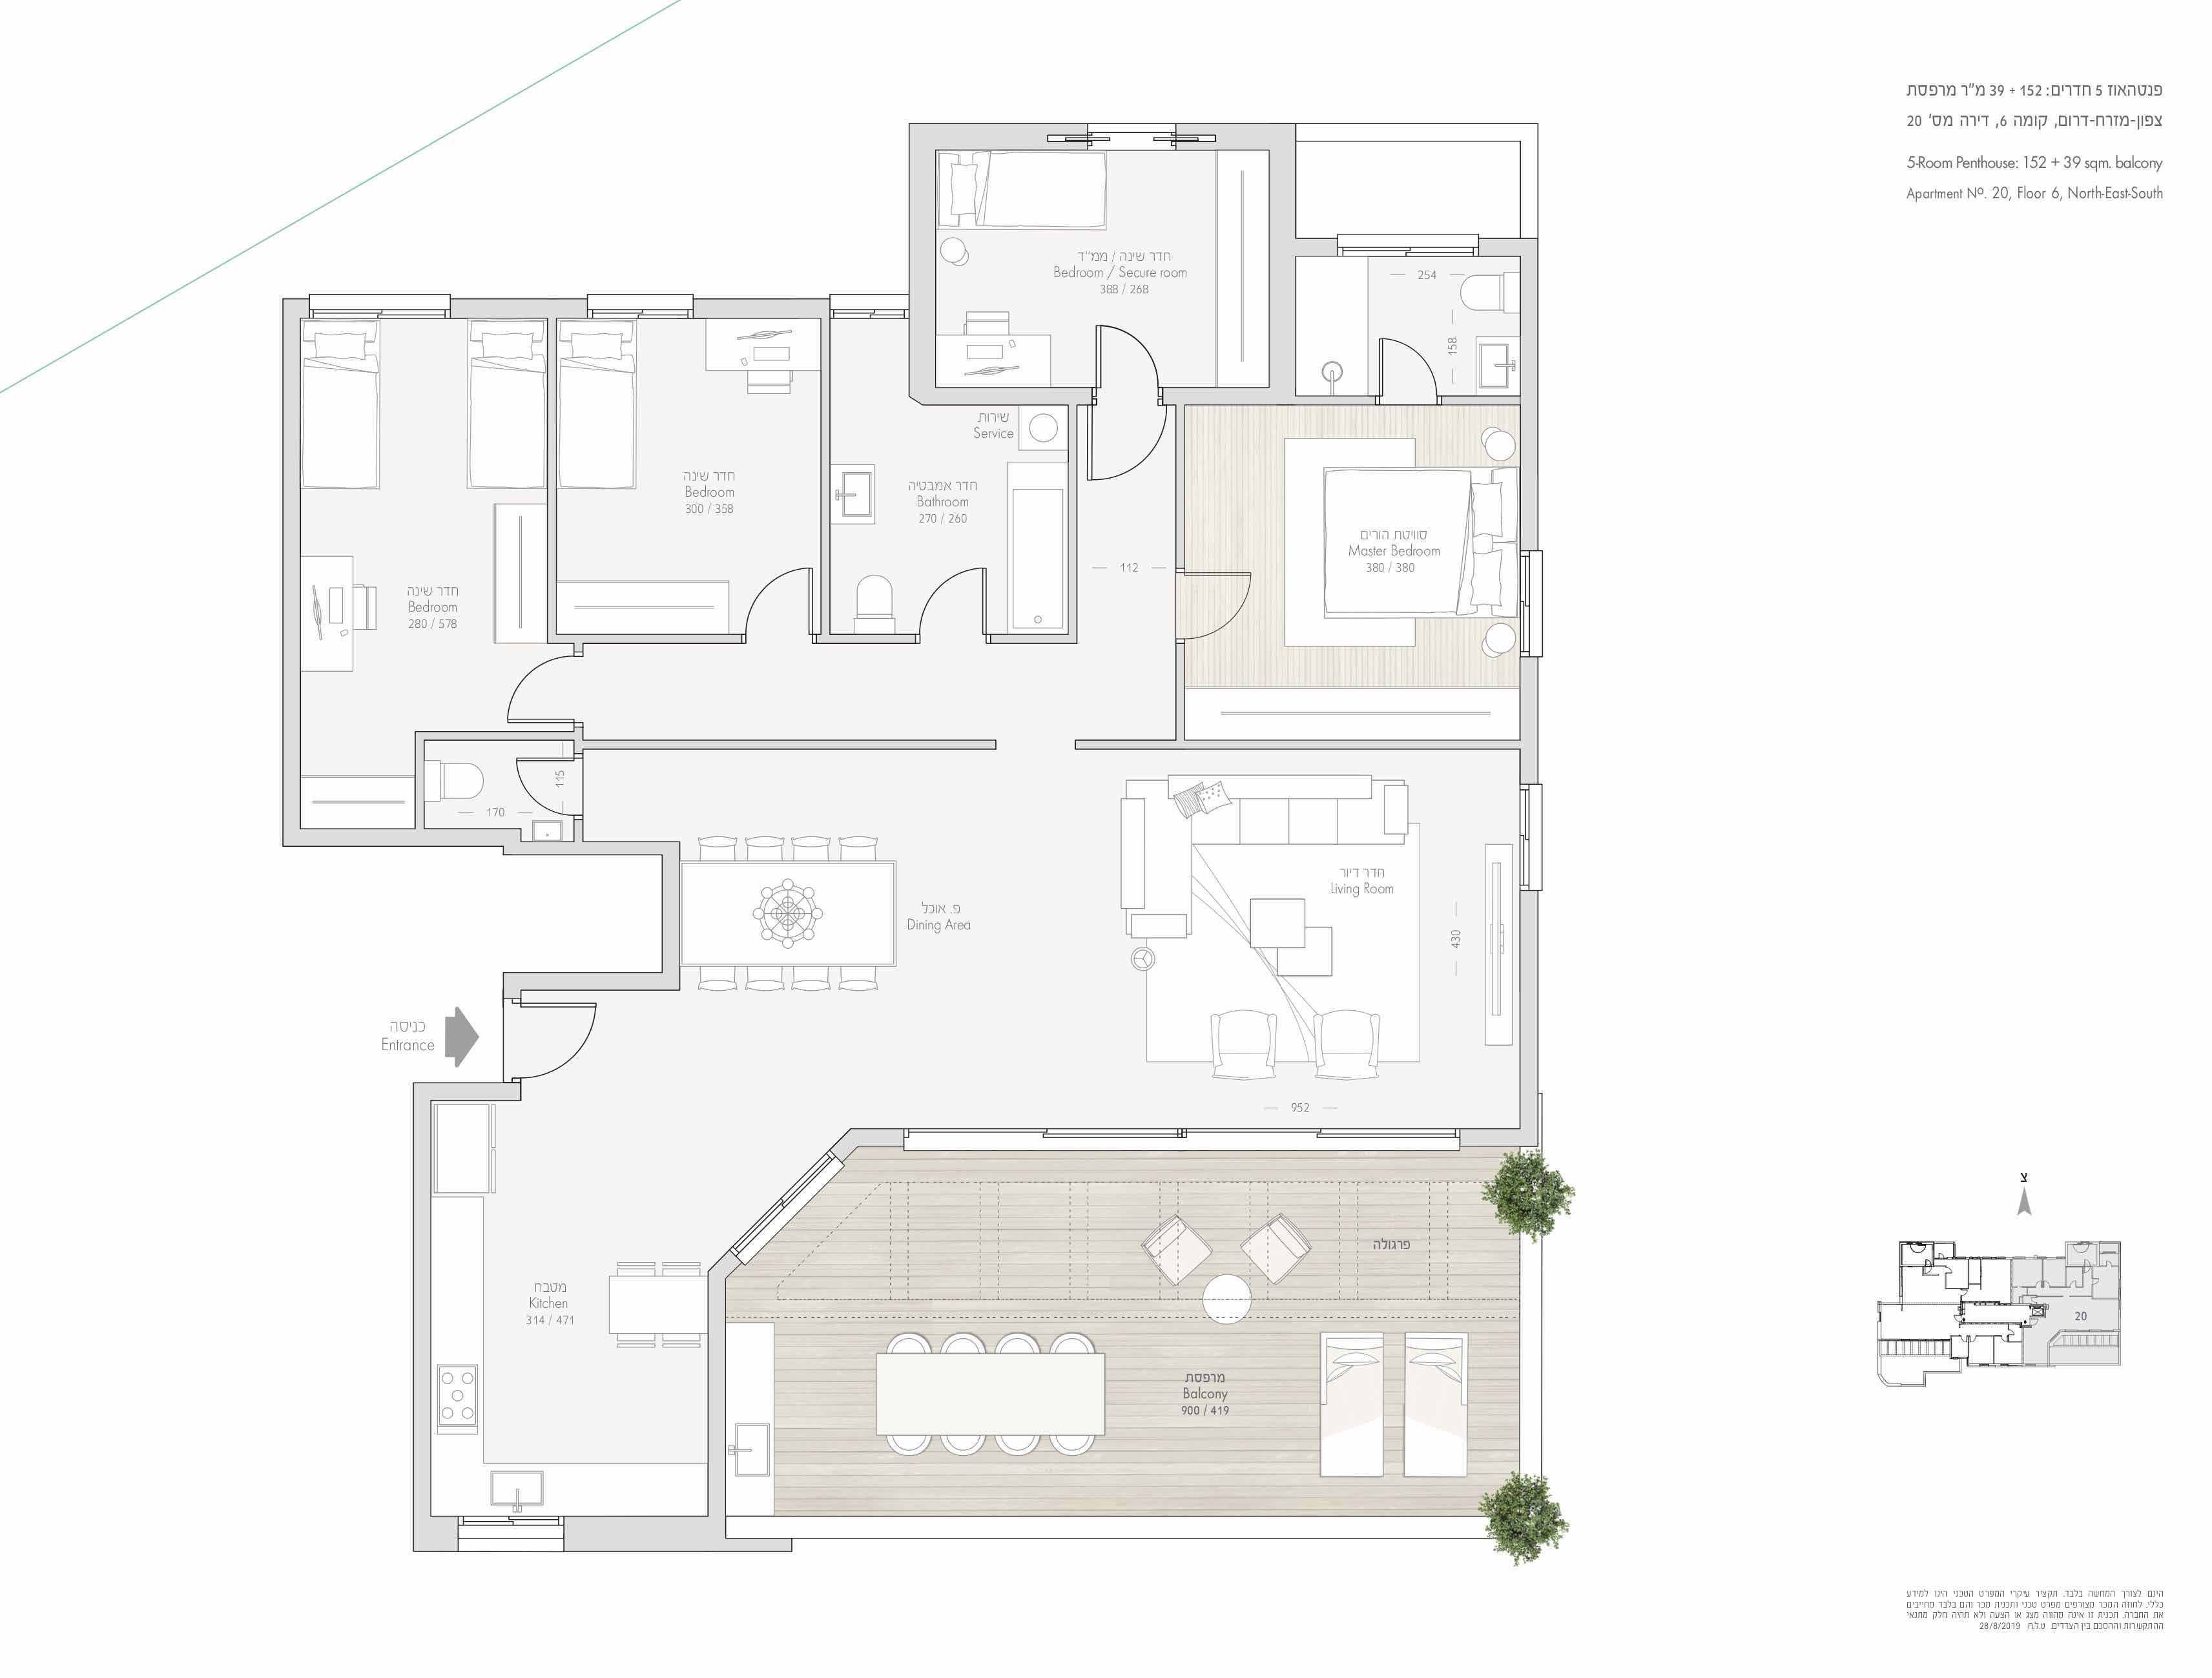 Penthouse 5 pièces au   6 étage